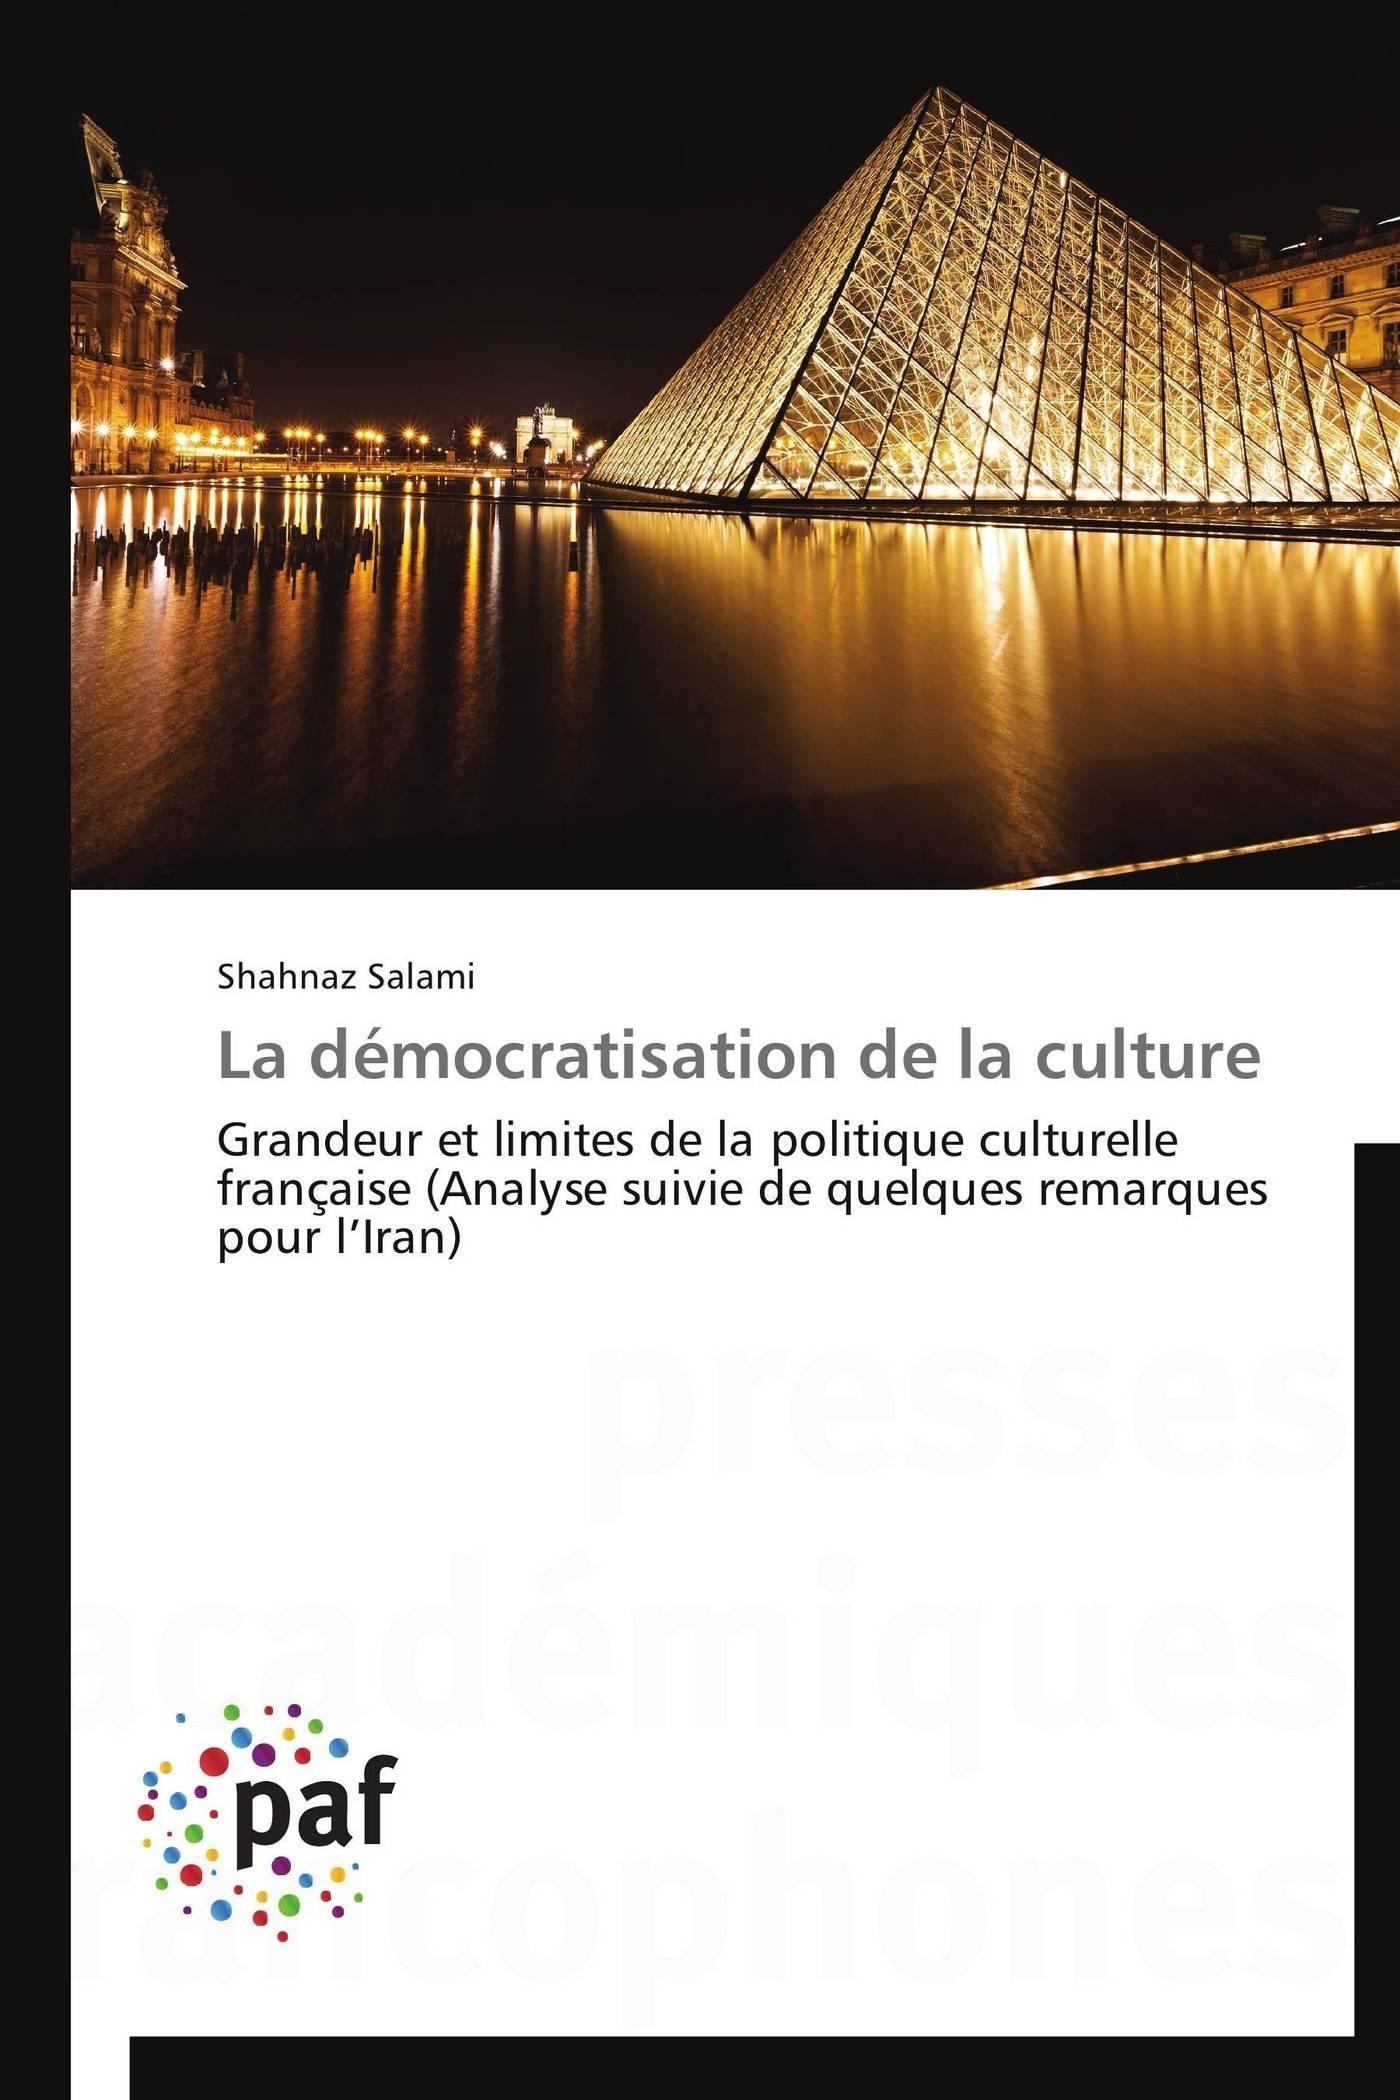 LA DEMOCRATISATION DE LA CULTURE